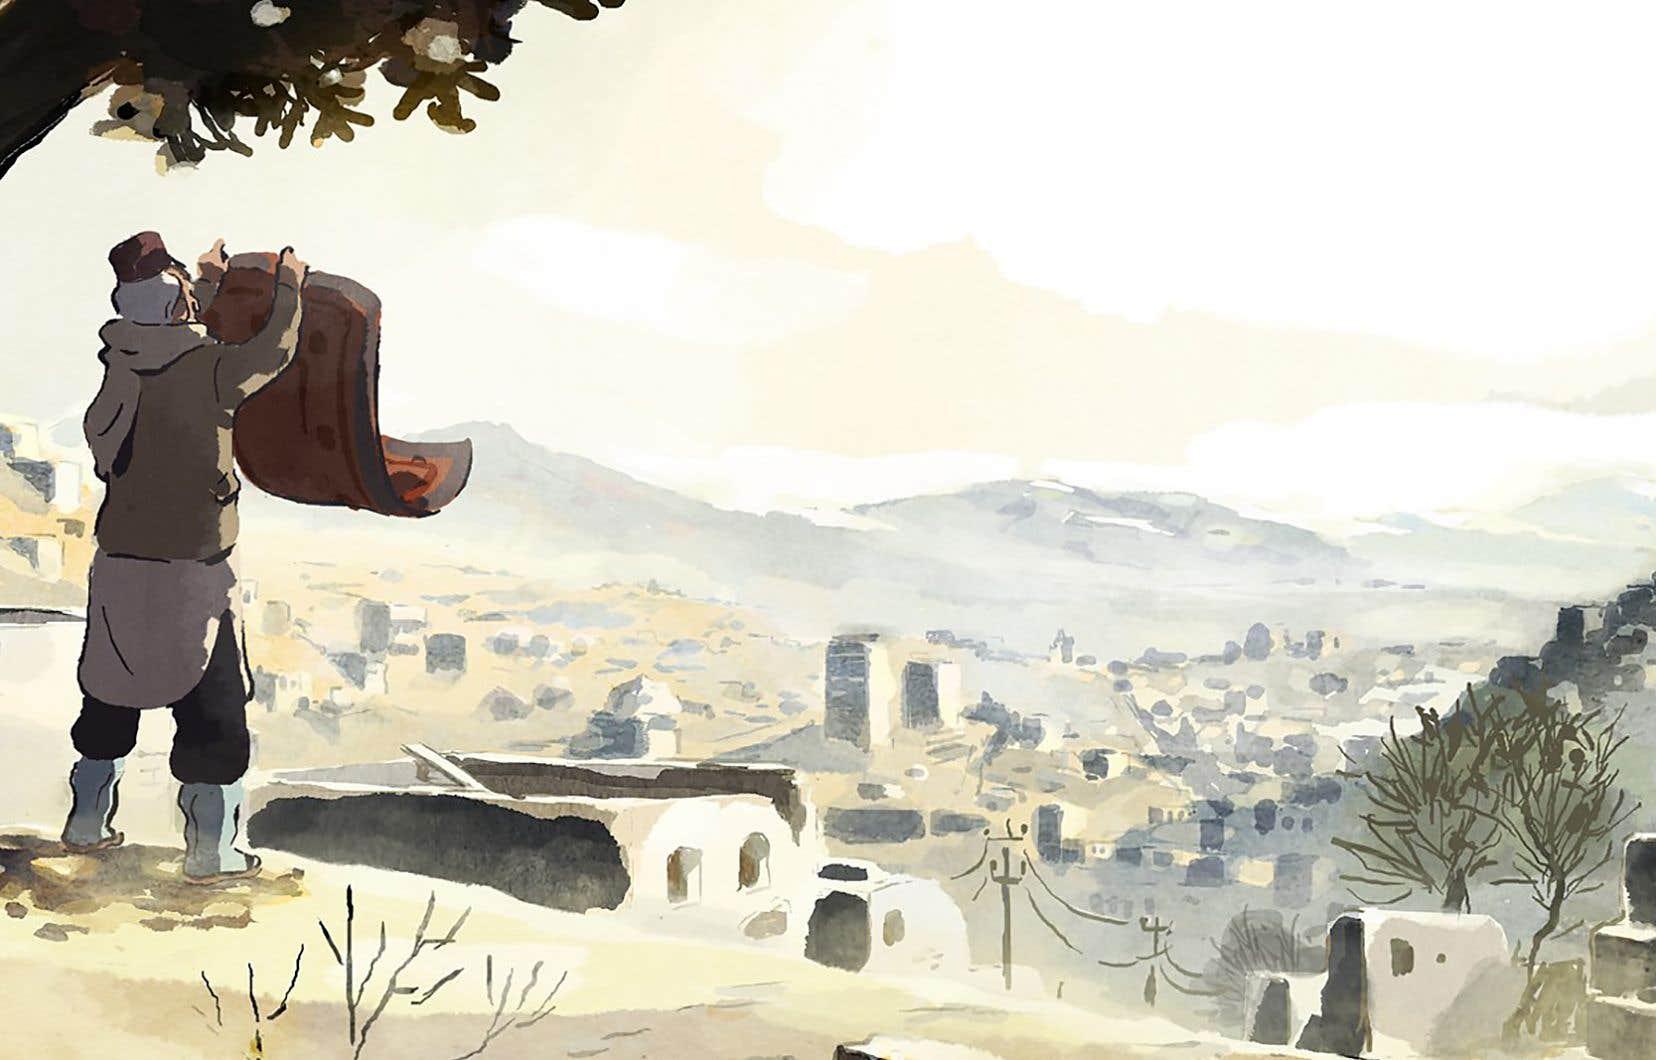 Le style d'animation s'est construit en étroite collaboration avec l'artiste Eléa Gobbé-Mévellec.